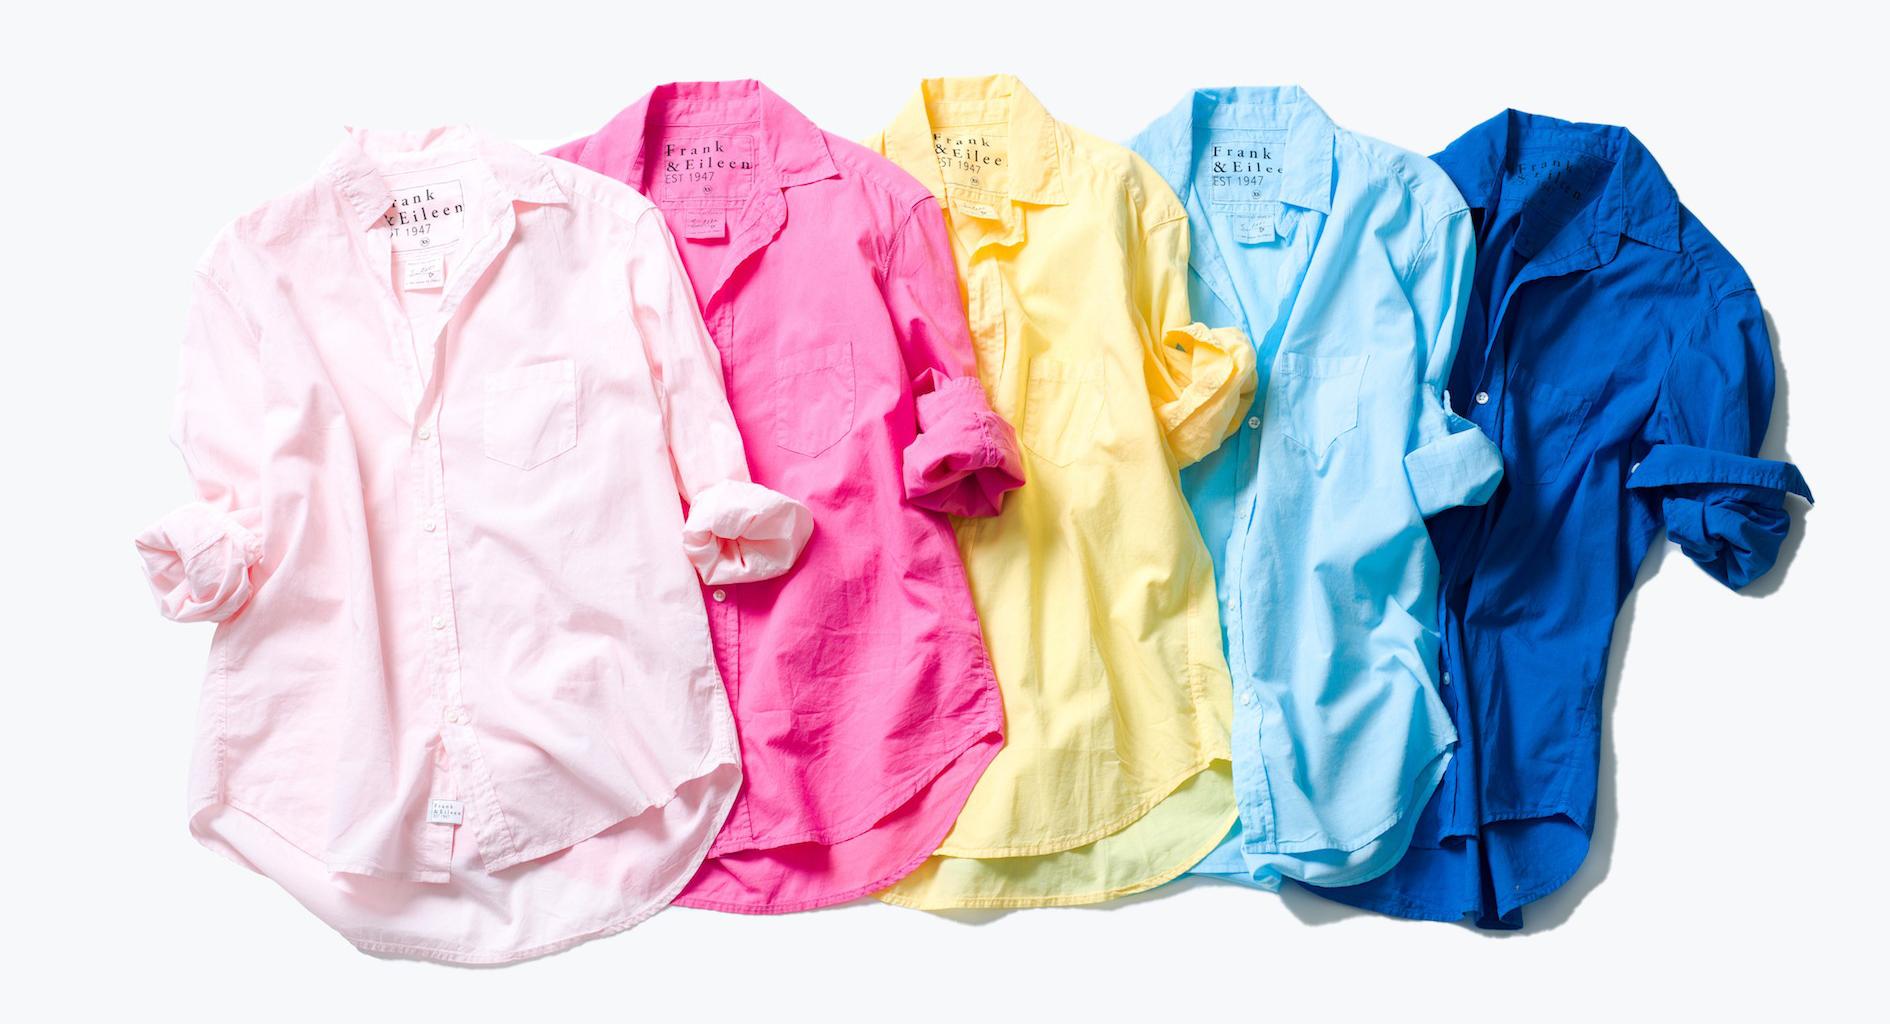 Shirt variation